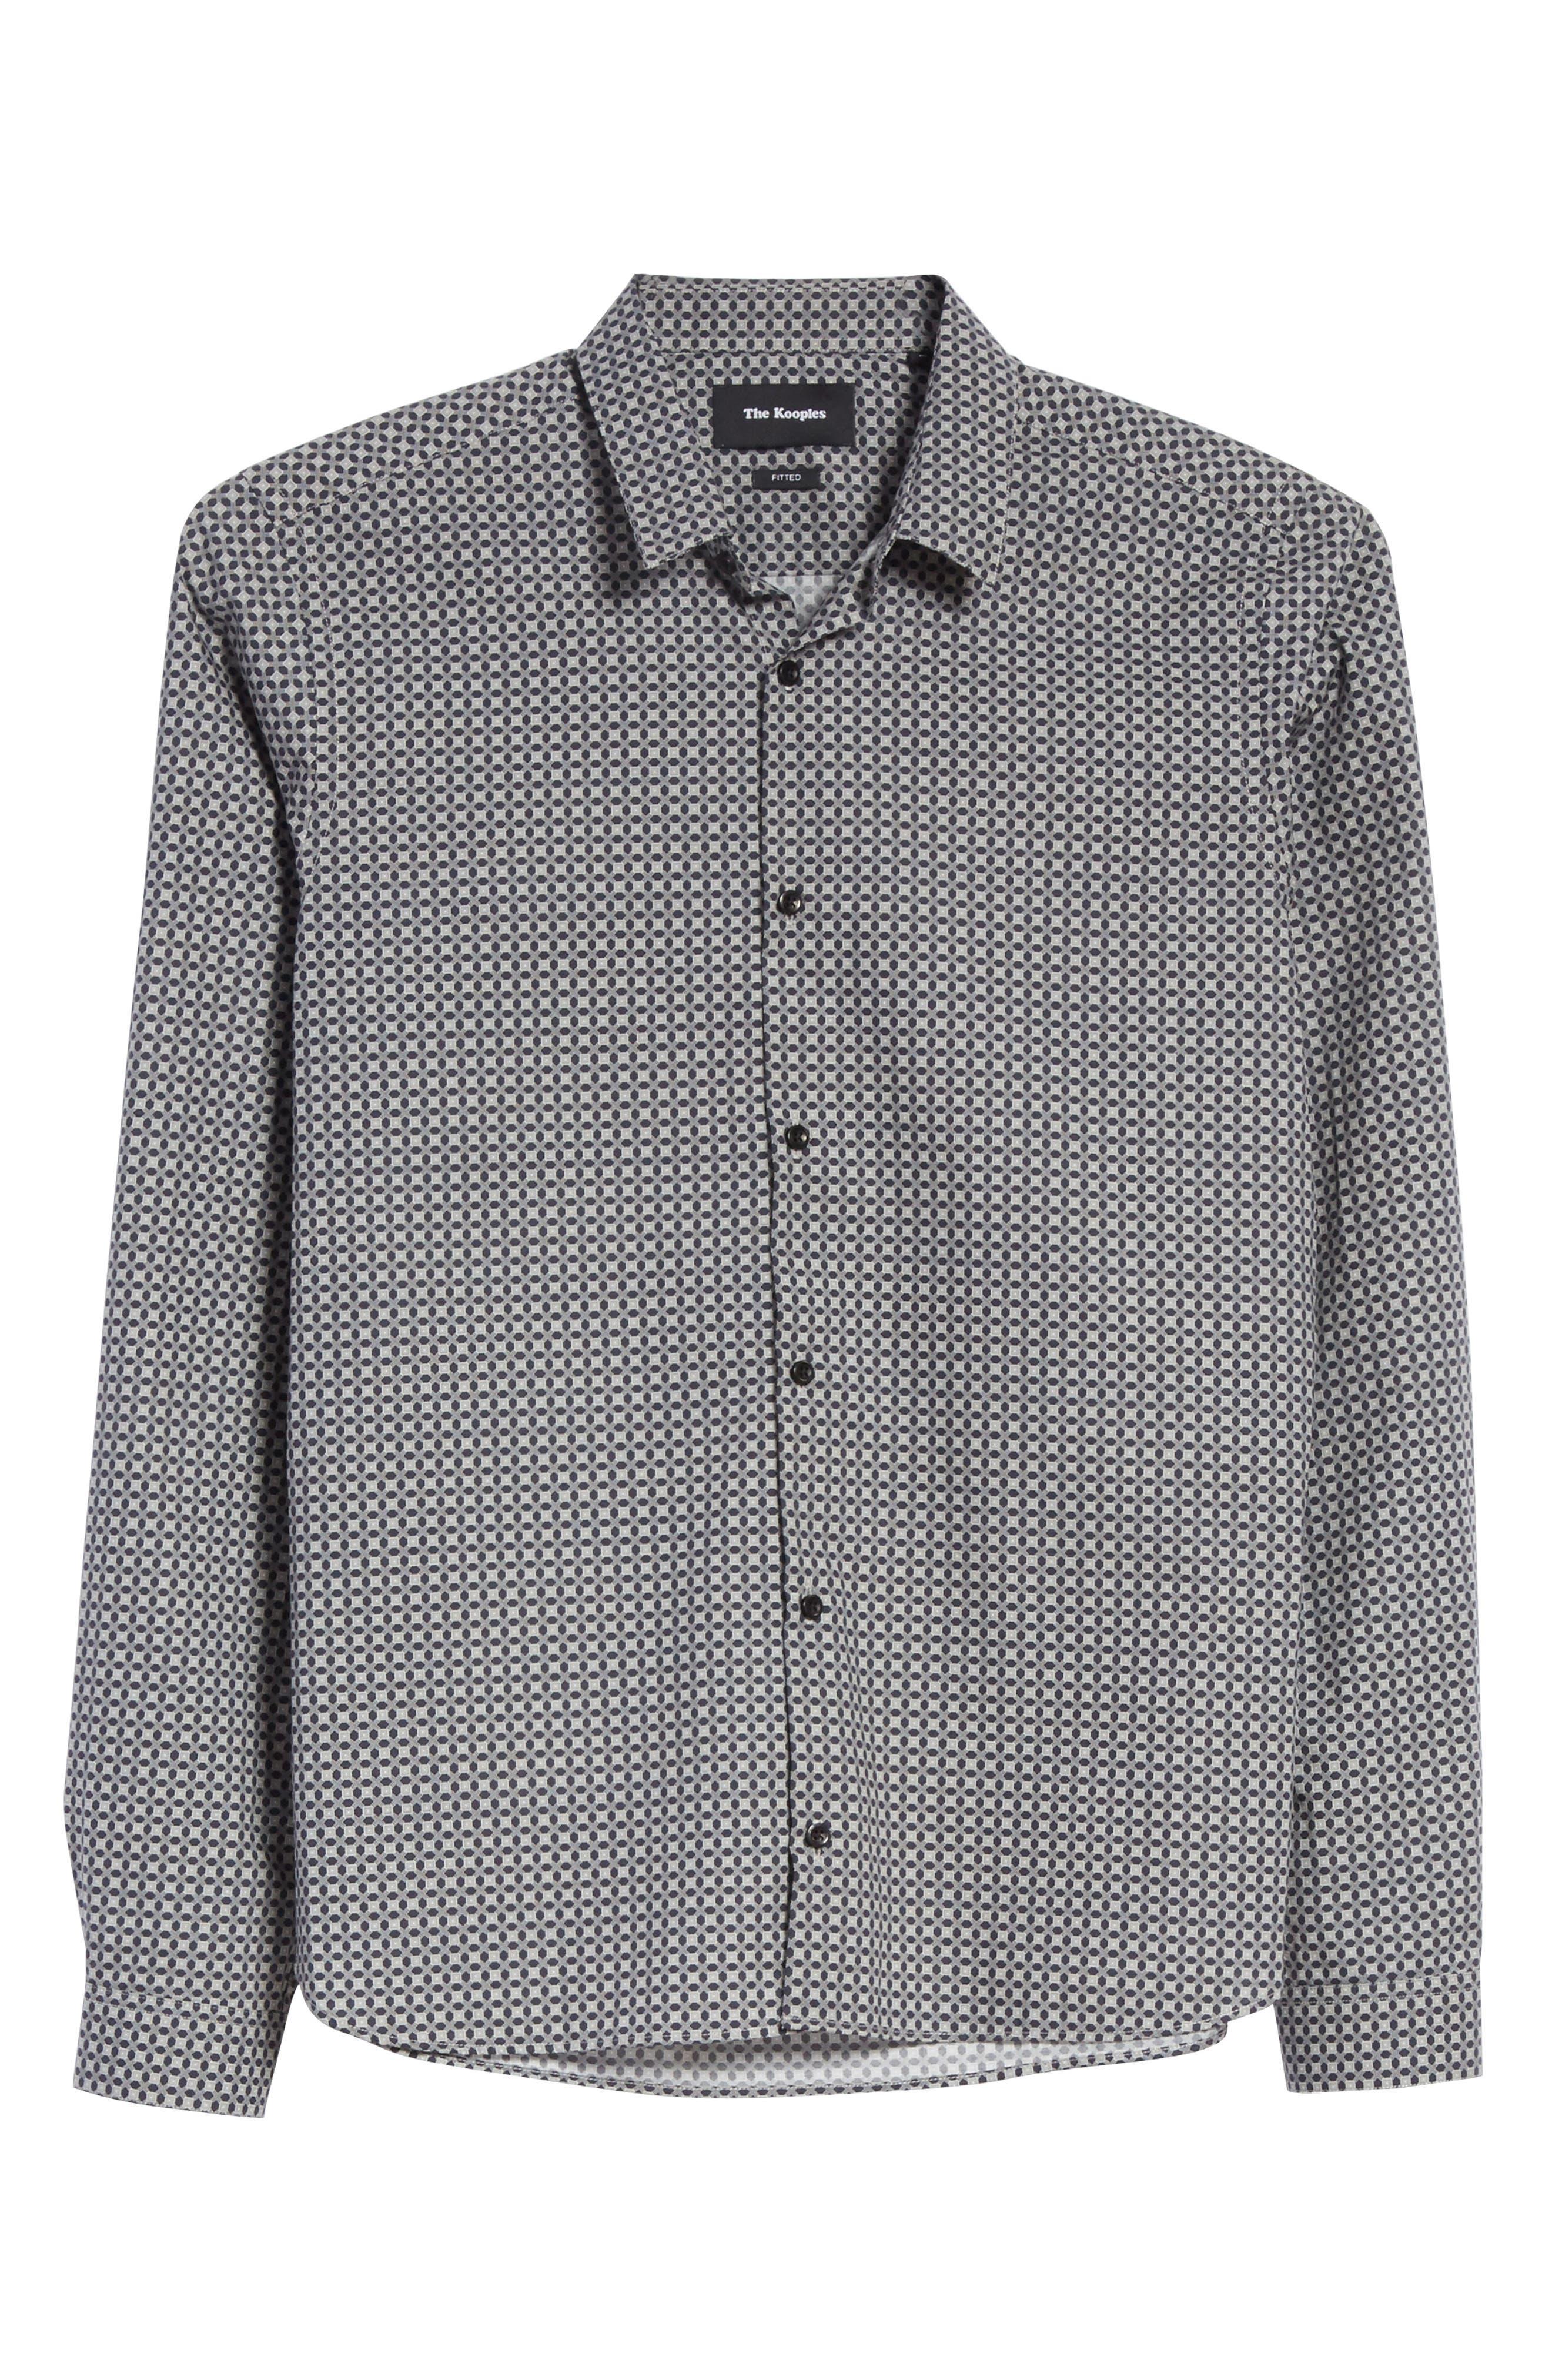 Geometric Print Woven Shirt,                             Alternate thumbnail 6, color,                             020